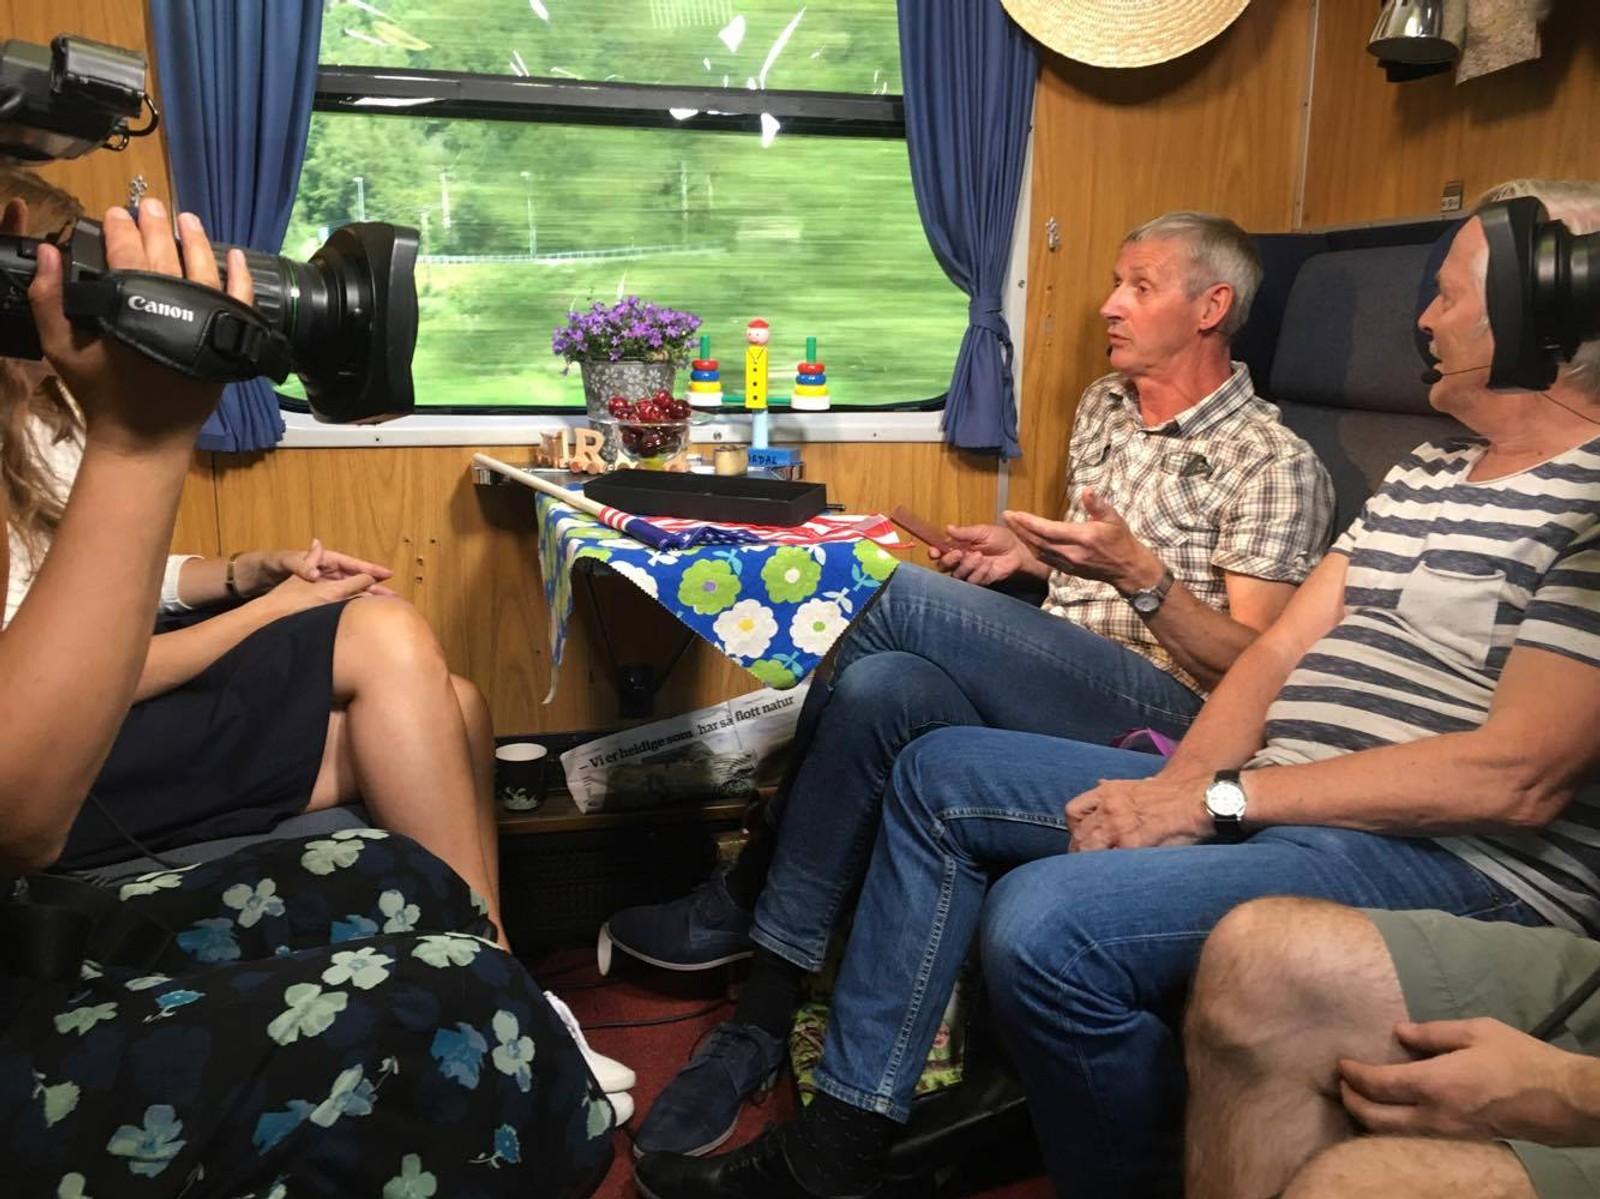 Tidligere programleder i NRK Rogaland, John Skien, er gjest på Sommertoget. Han er med for å guide toget fram med jærsk lokalkunnskap.